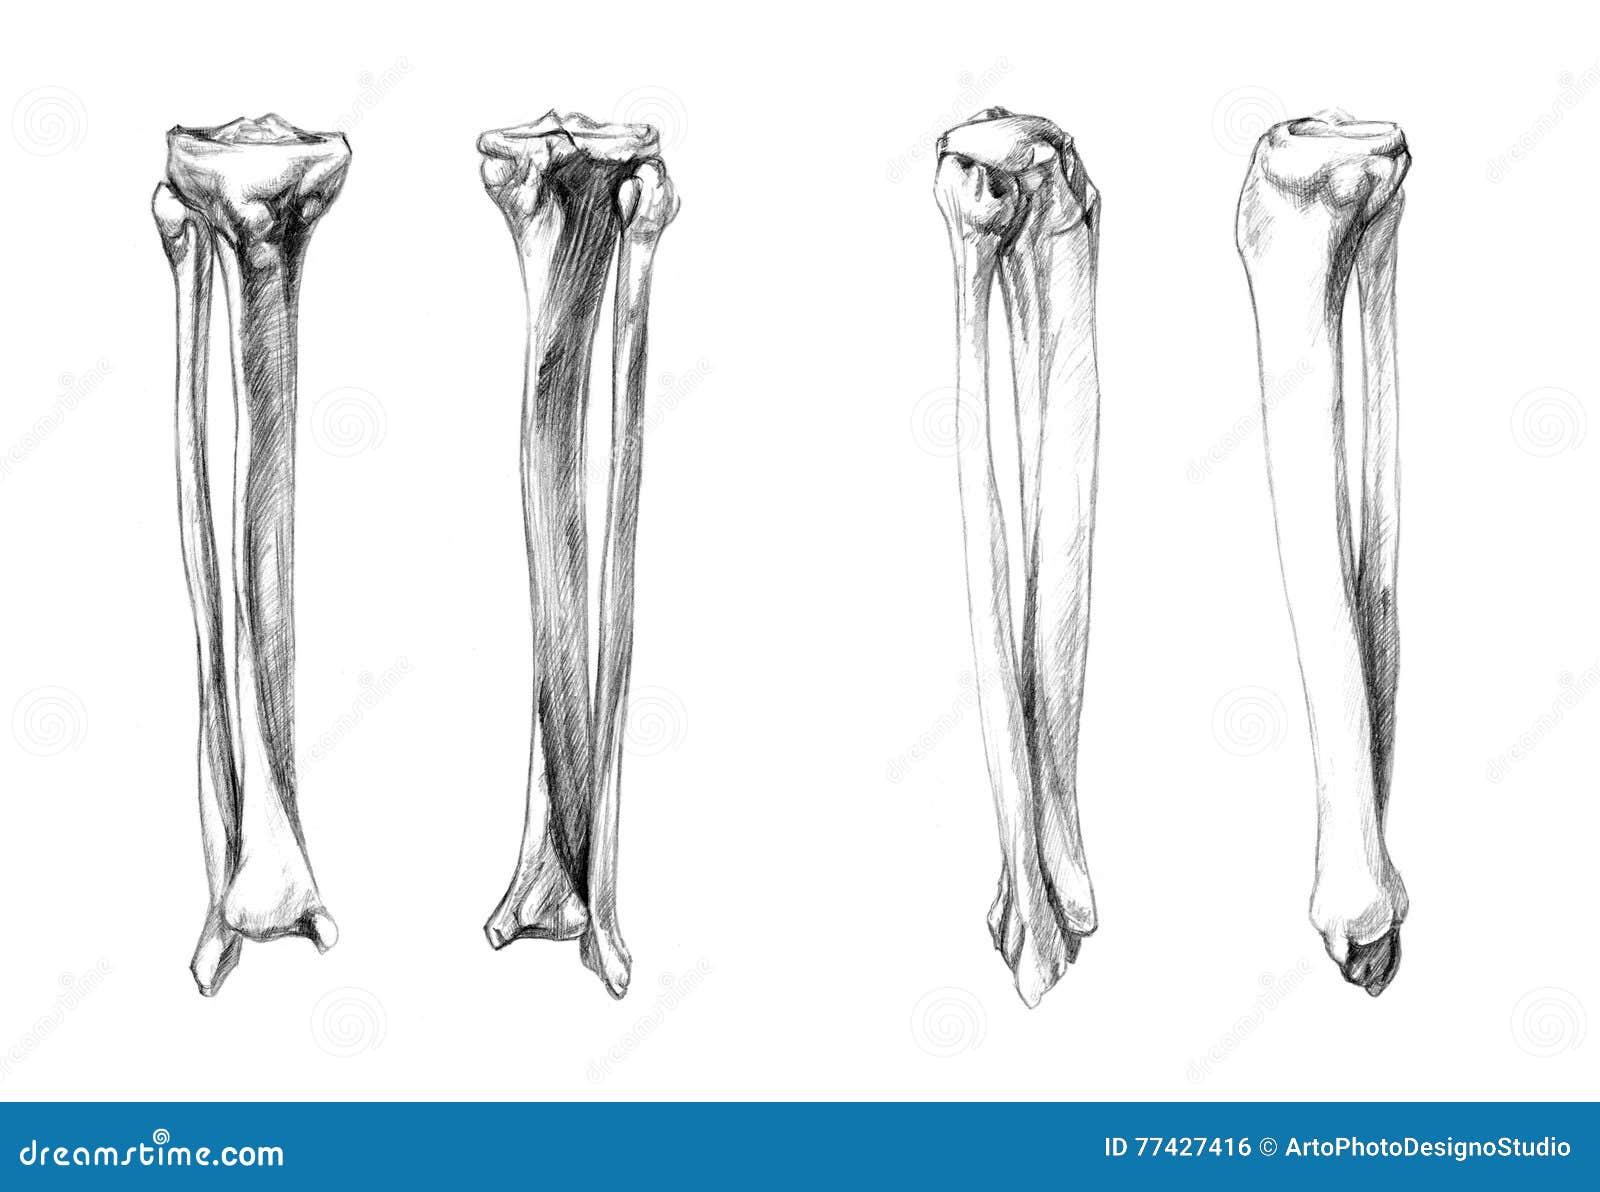 Lujoso Anatomía Hueso De La Tibia Modelo - Imágenes de Anatomía ...